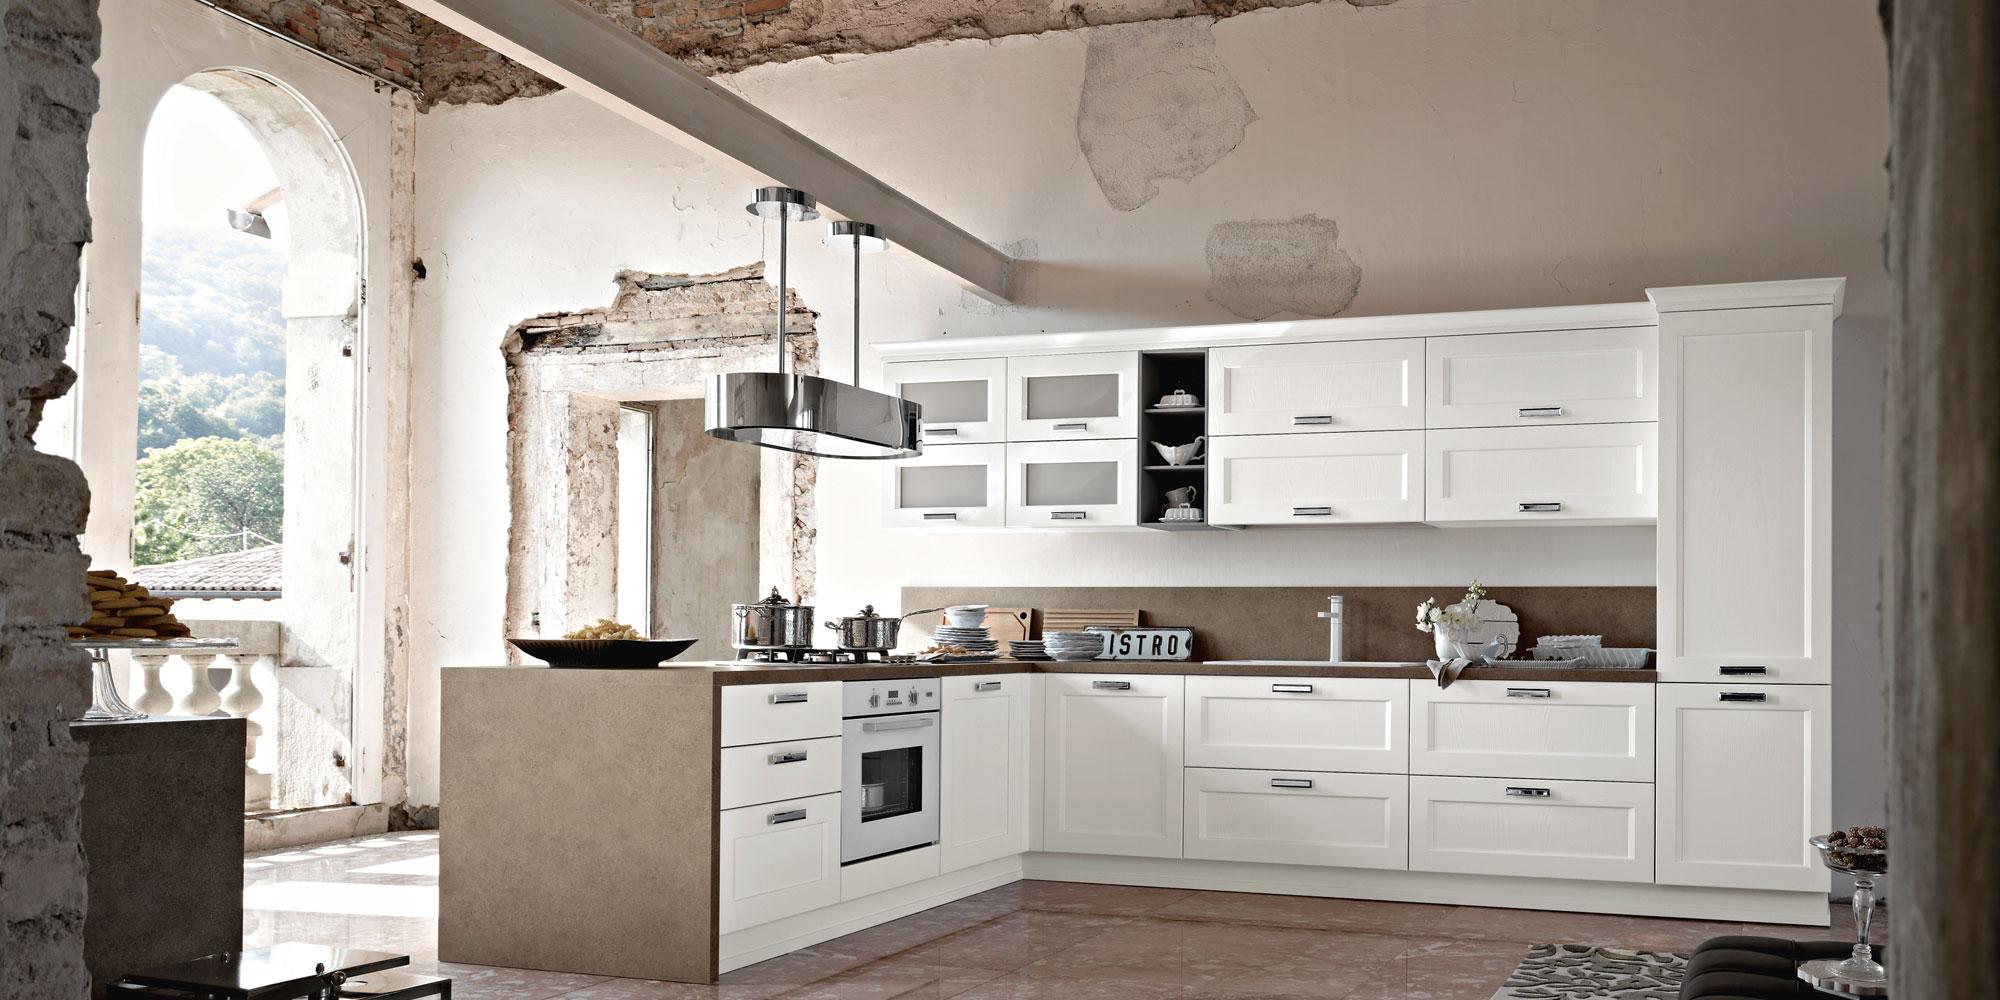 Dibiesse Cucine Opinioni - Idee Per La Casa - Phxated.com